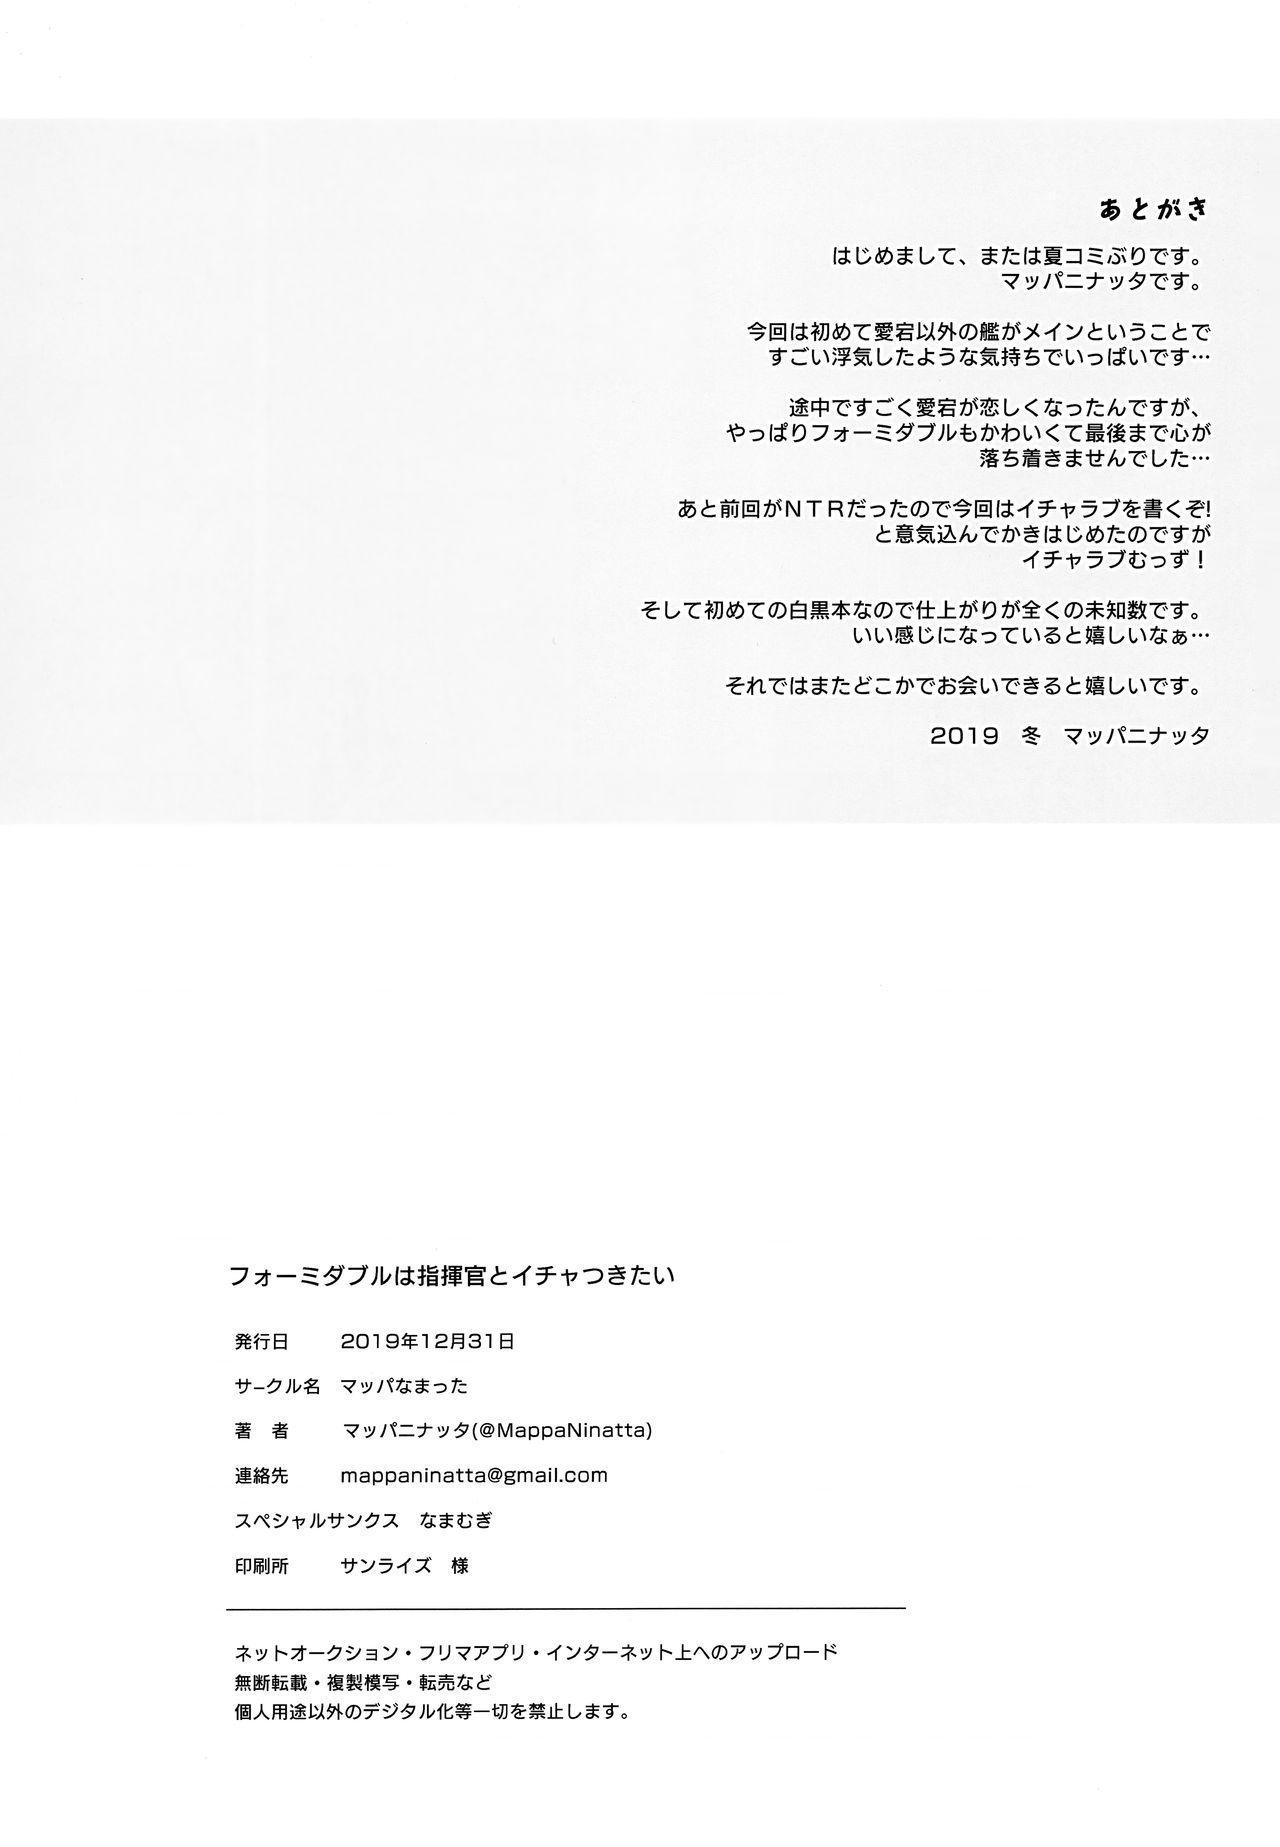 Formidable wa Shikikan to Ichatsukitai 22